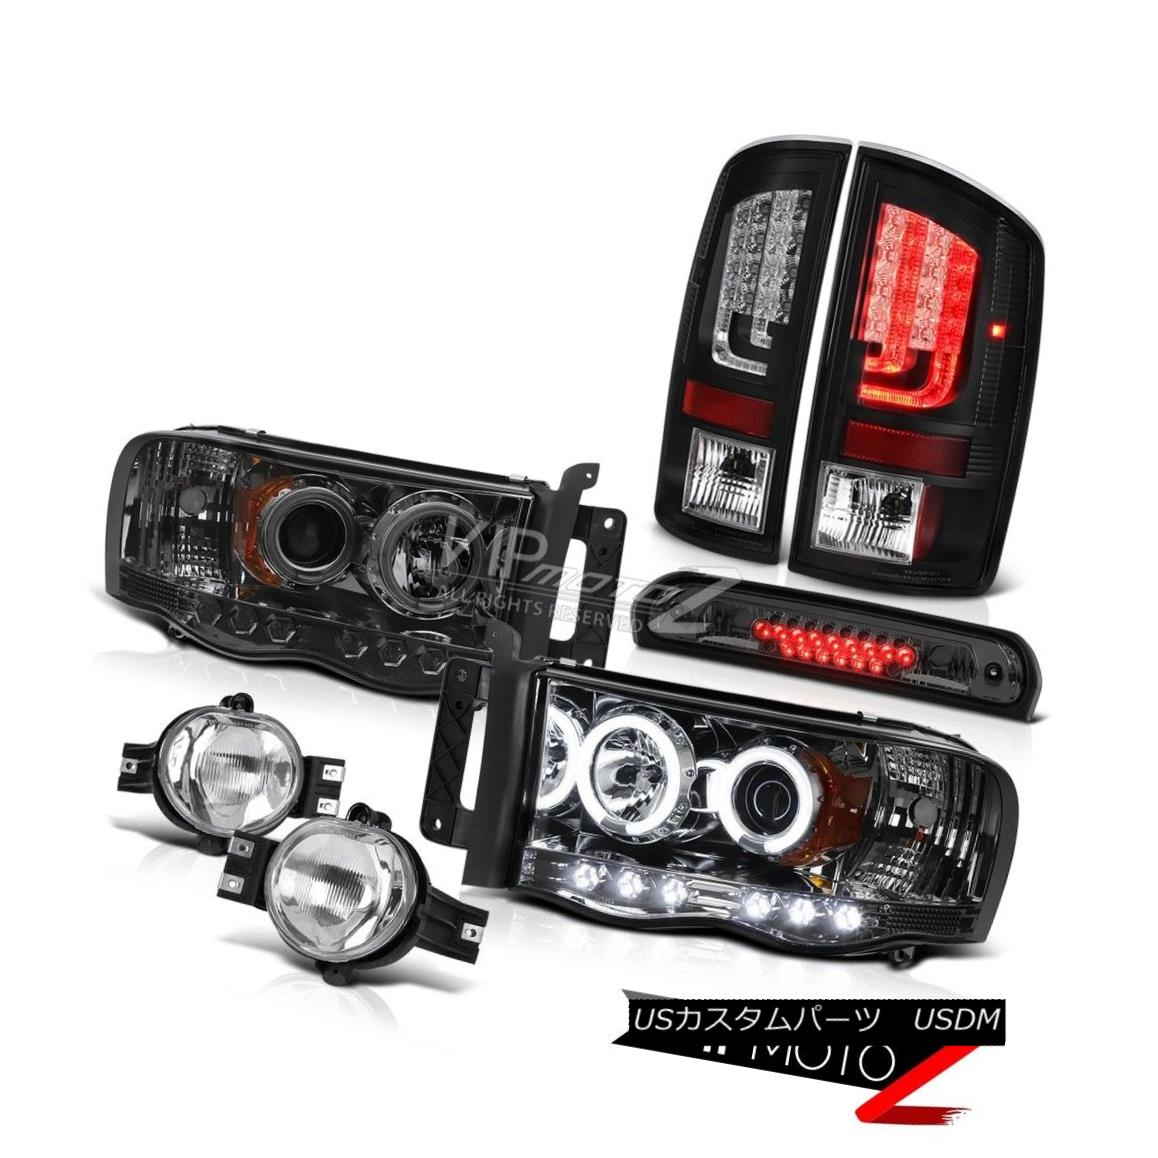 ヘッドライト 2003-2005 Dodge Ram 1500 3.7L Taillights Headlamps Fog Lamps High STop Lamp Cool 2003-2005 Dodge Ram 1500 3.7Lターンライトヘッドランプ霧ランプHigh STOPランプCool